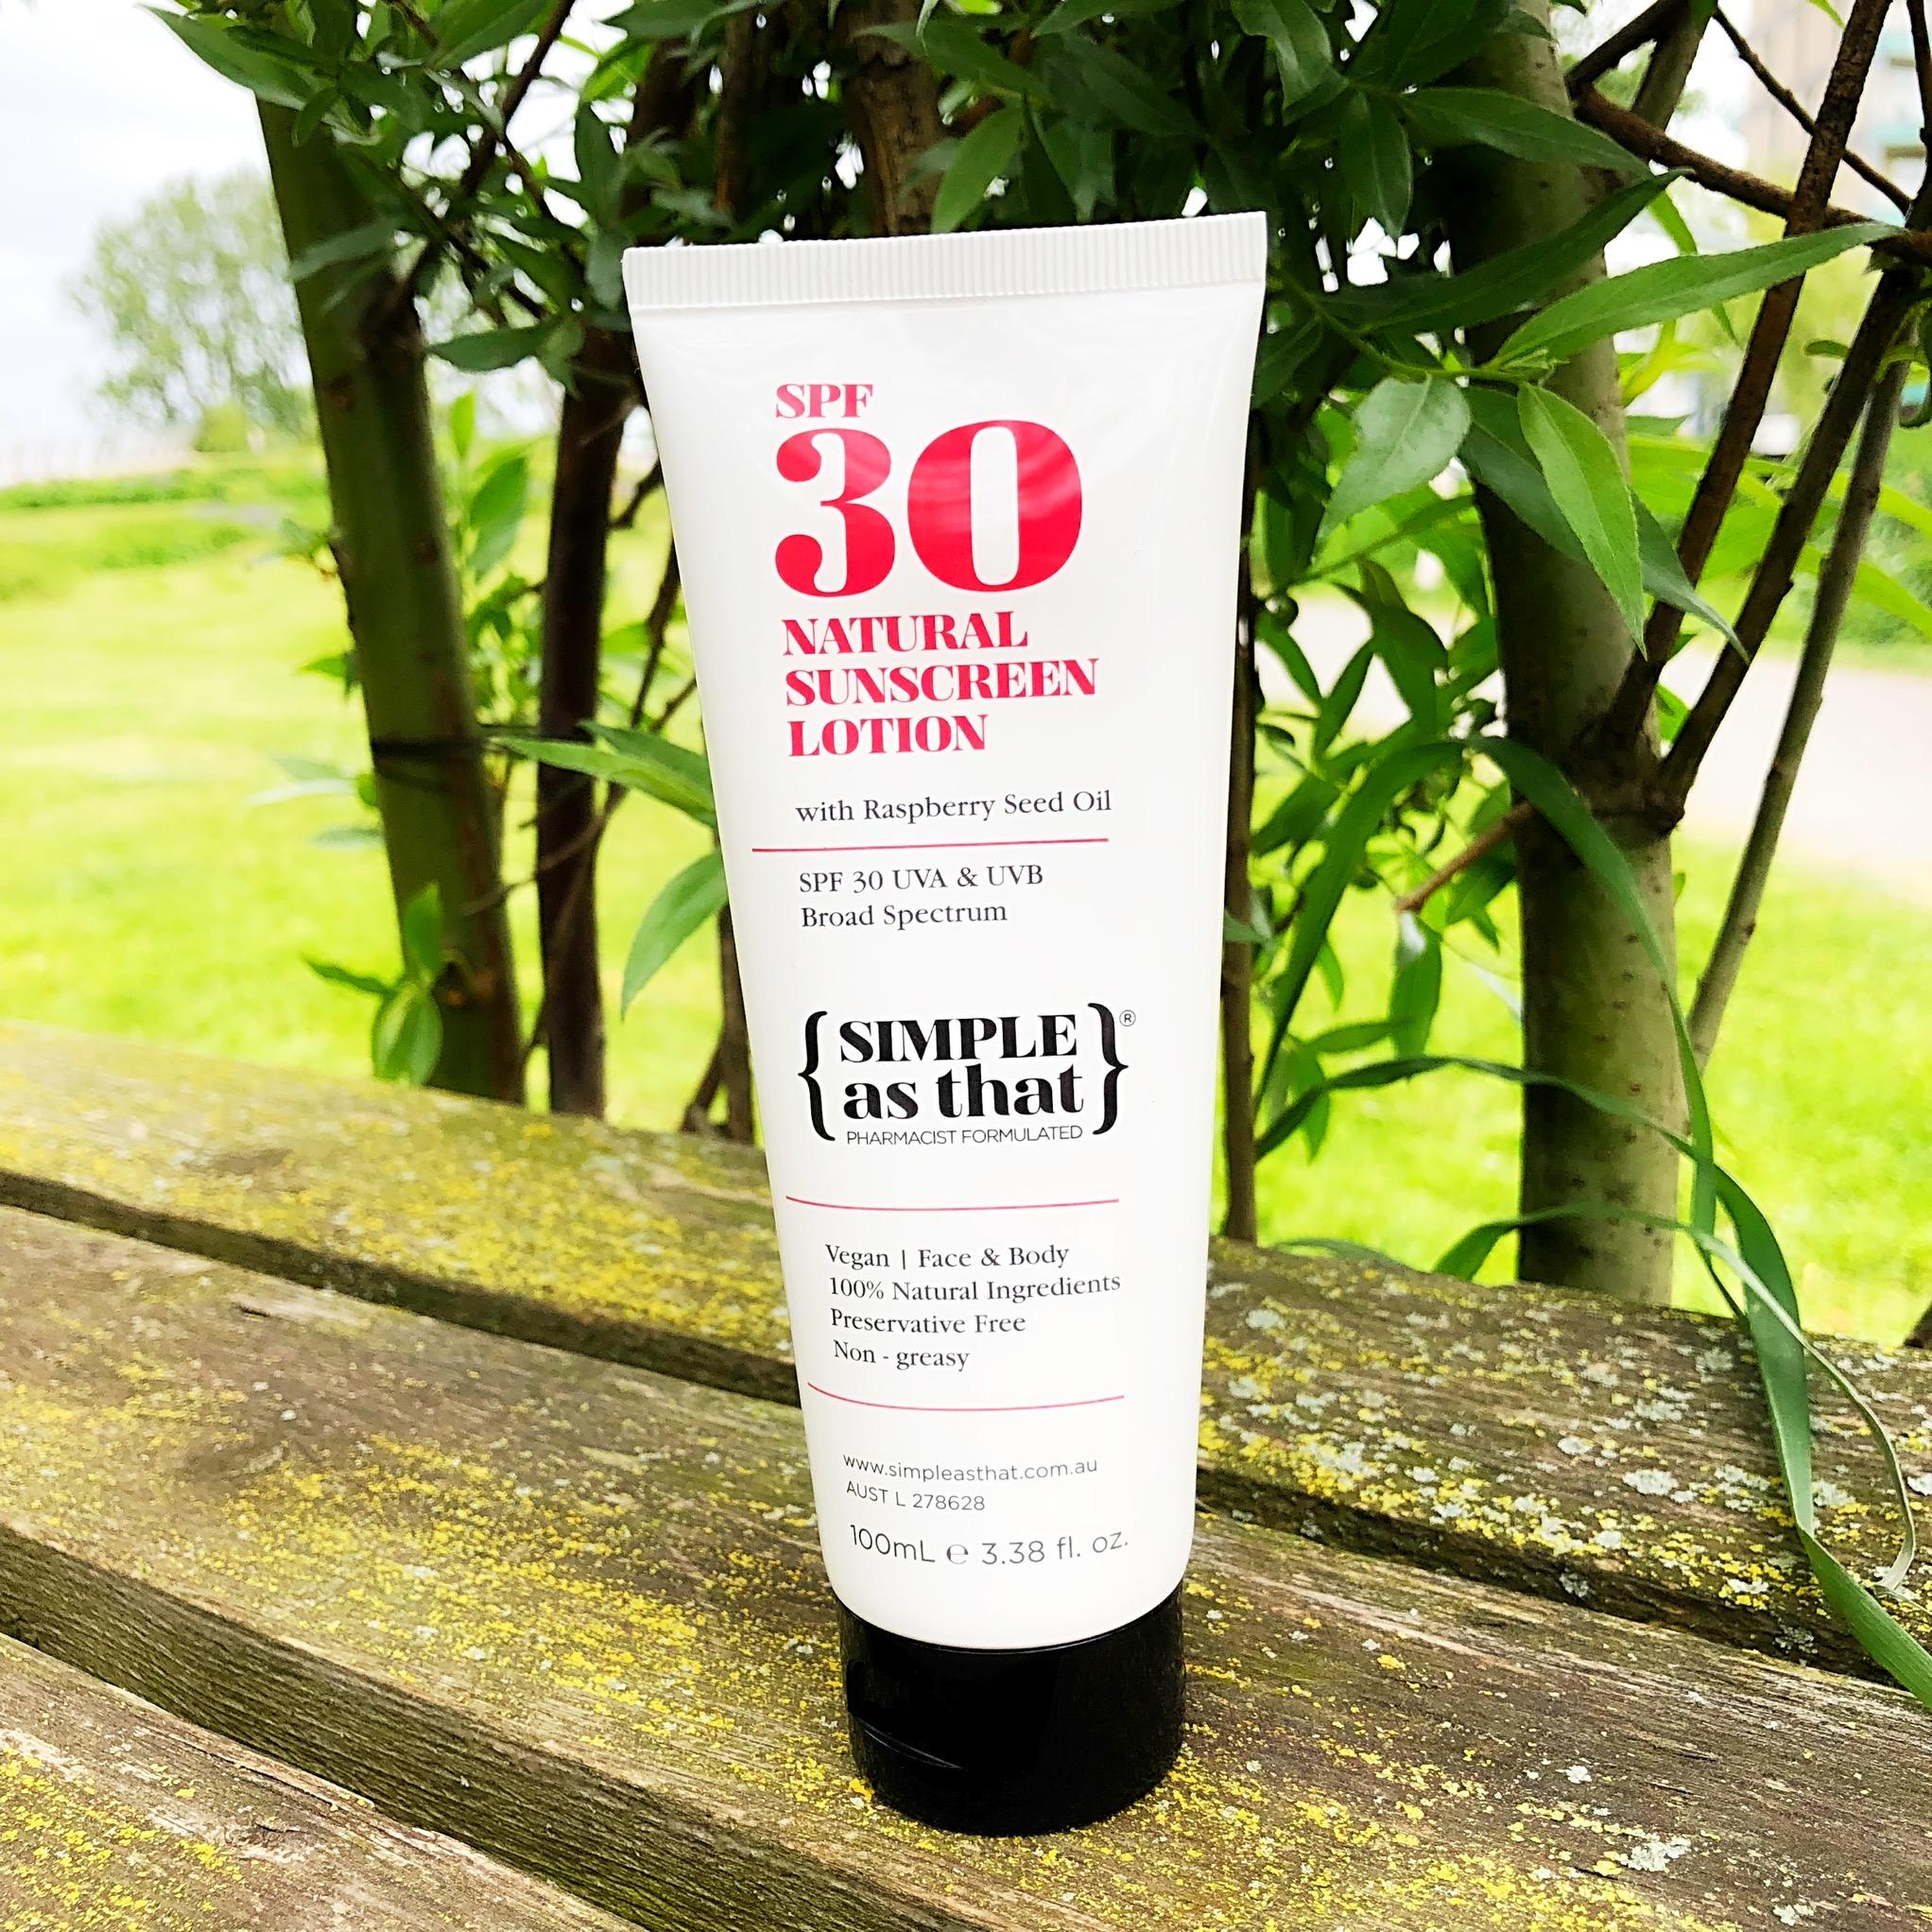 03c011861697b5 ... natuurlijke zonnebrandcrème, die geschikt is voor je gezicht en  lichaam, helemaal veganistisch is, geen conserveringsmiddelen bevat én geen  witte waas ...